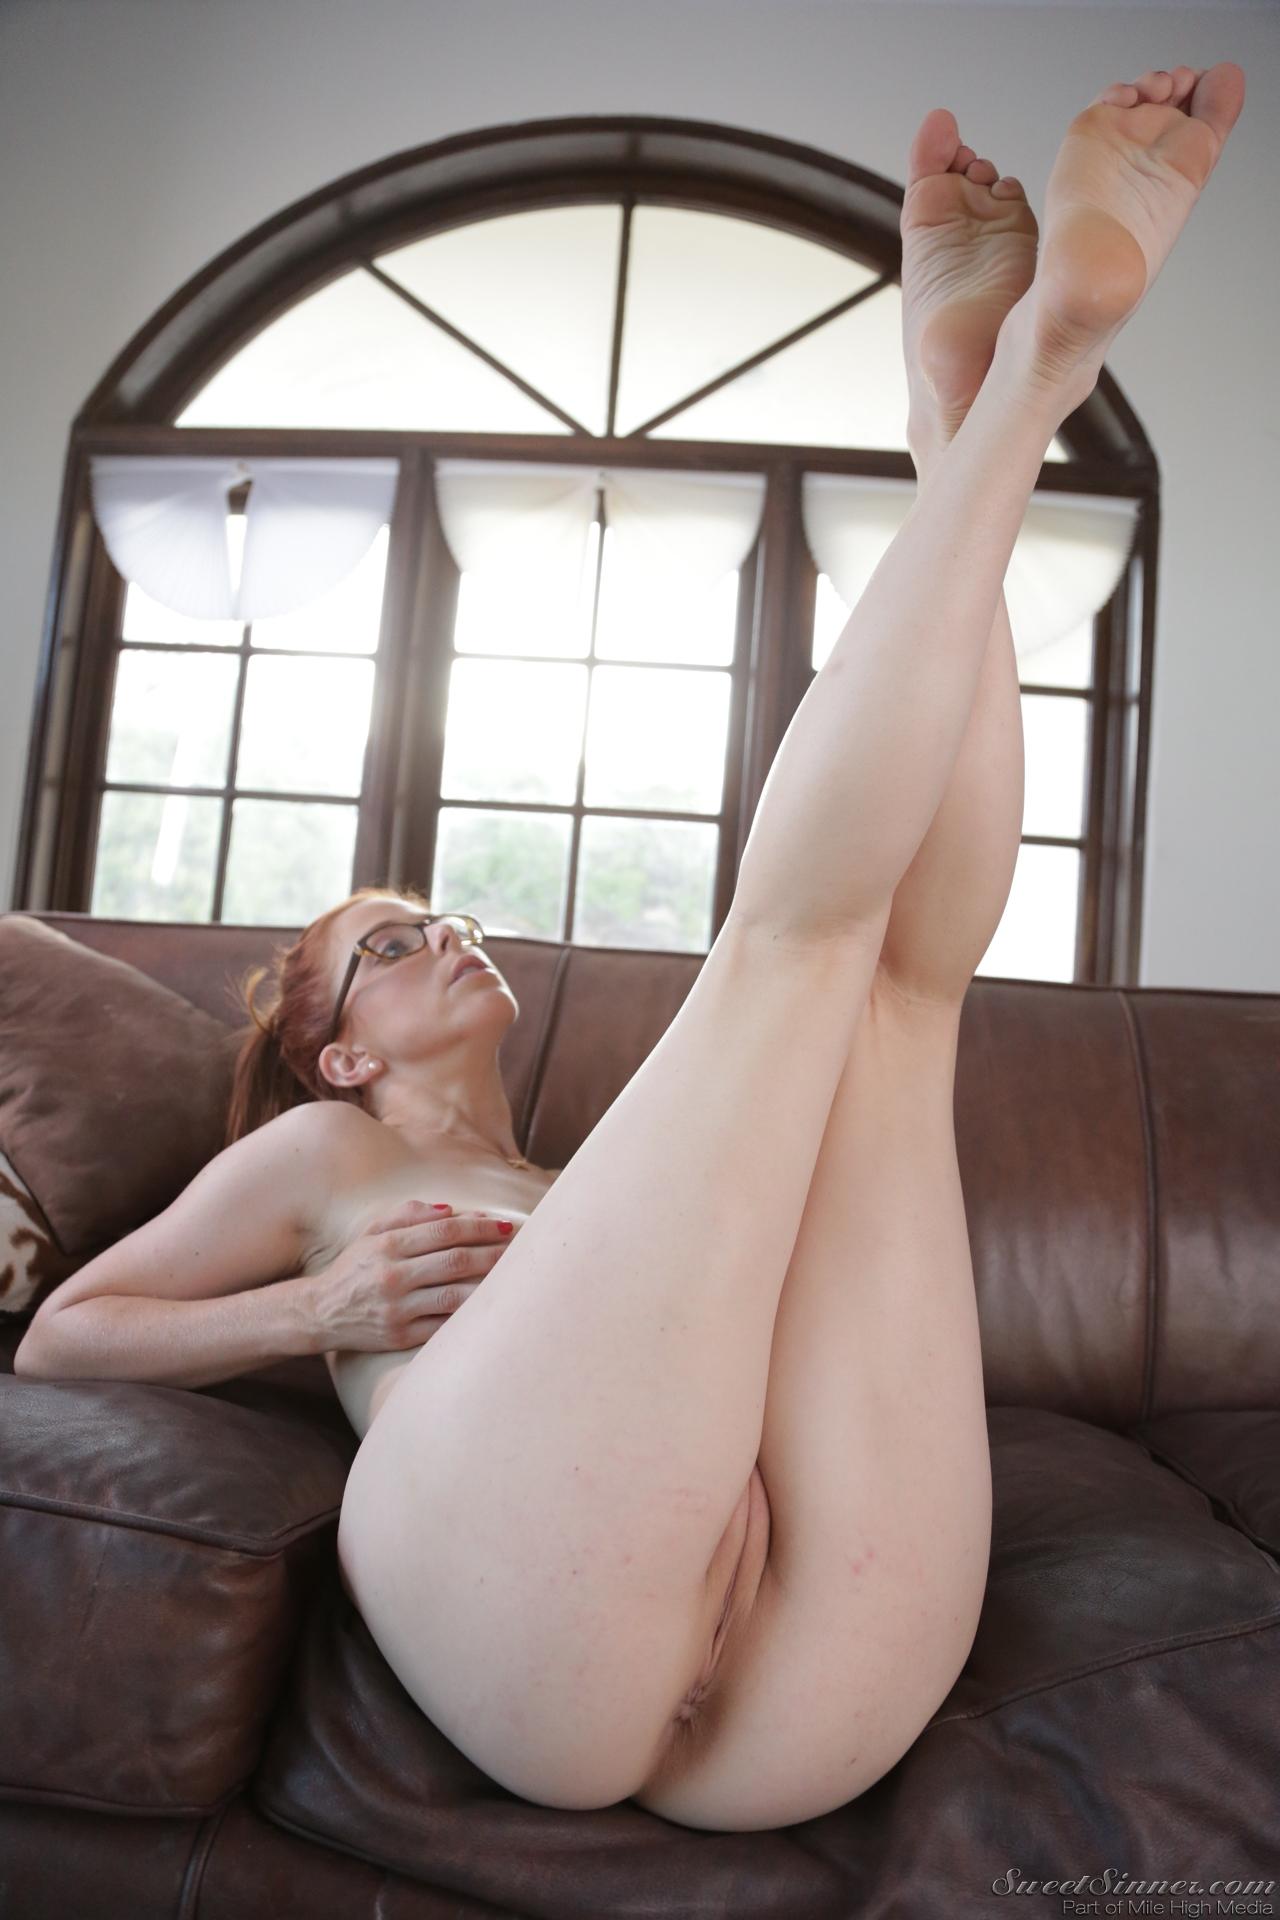 Fekete bootys pornó